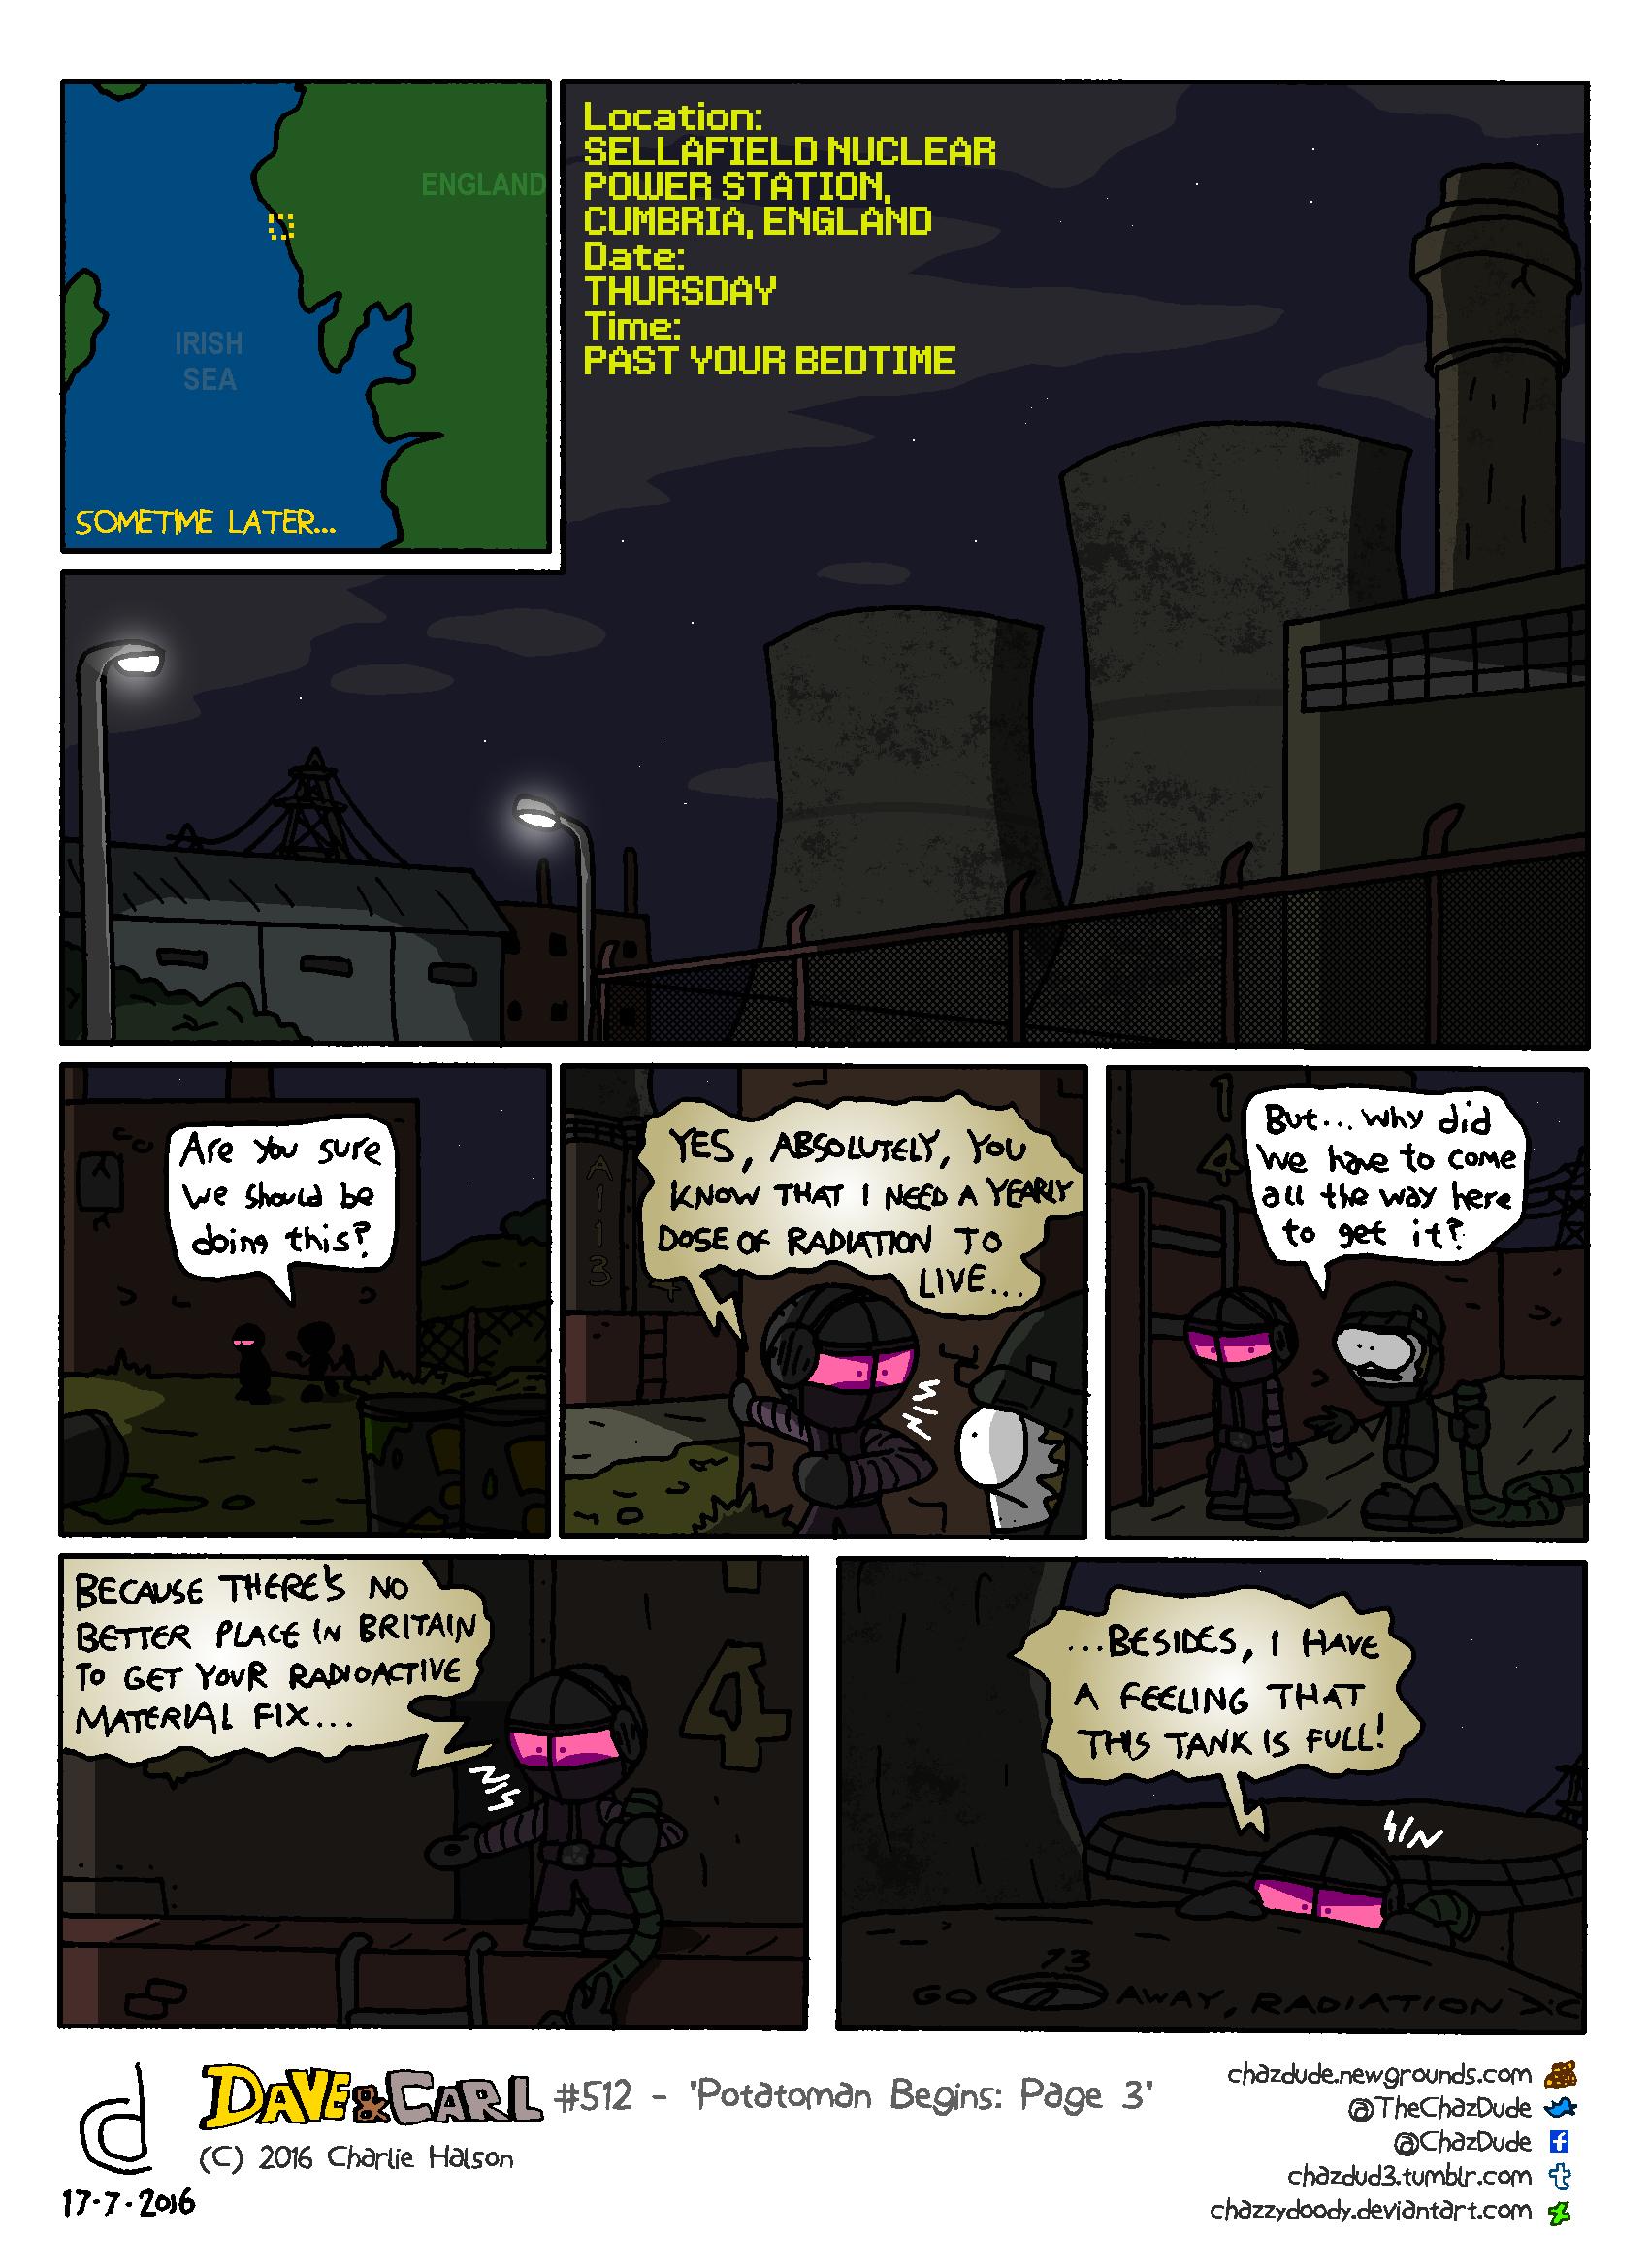 Potatoman Begins: Page 3